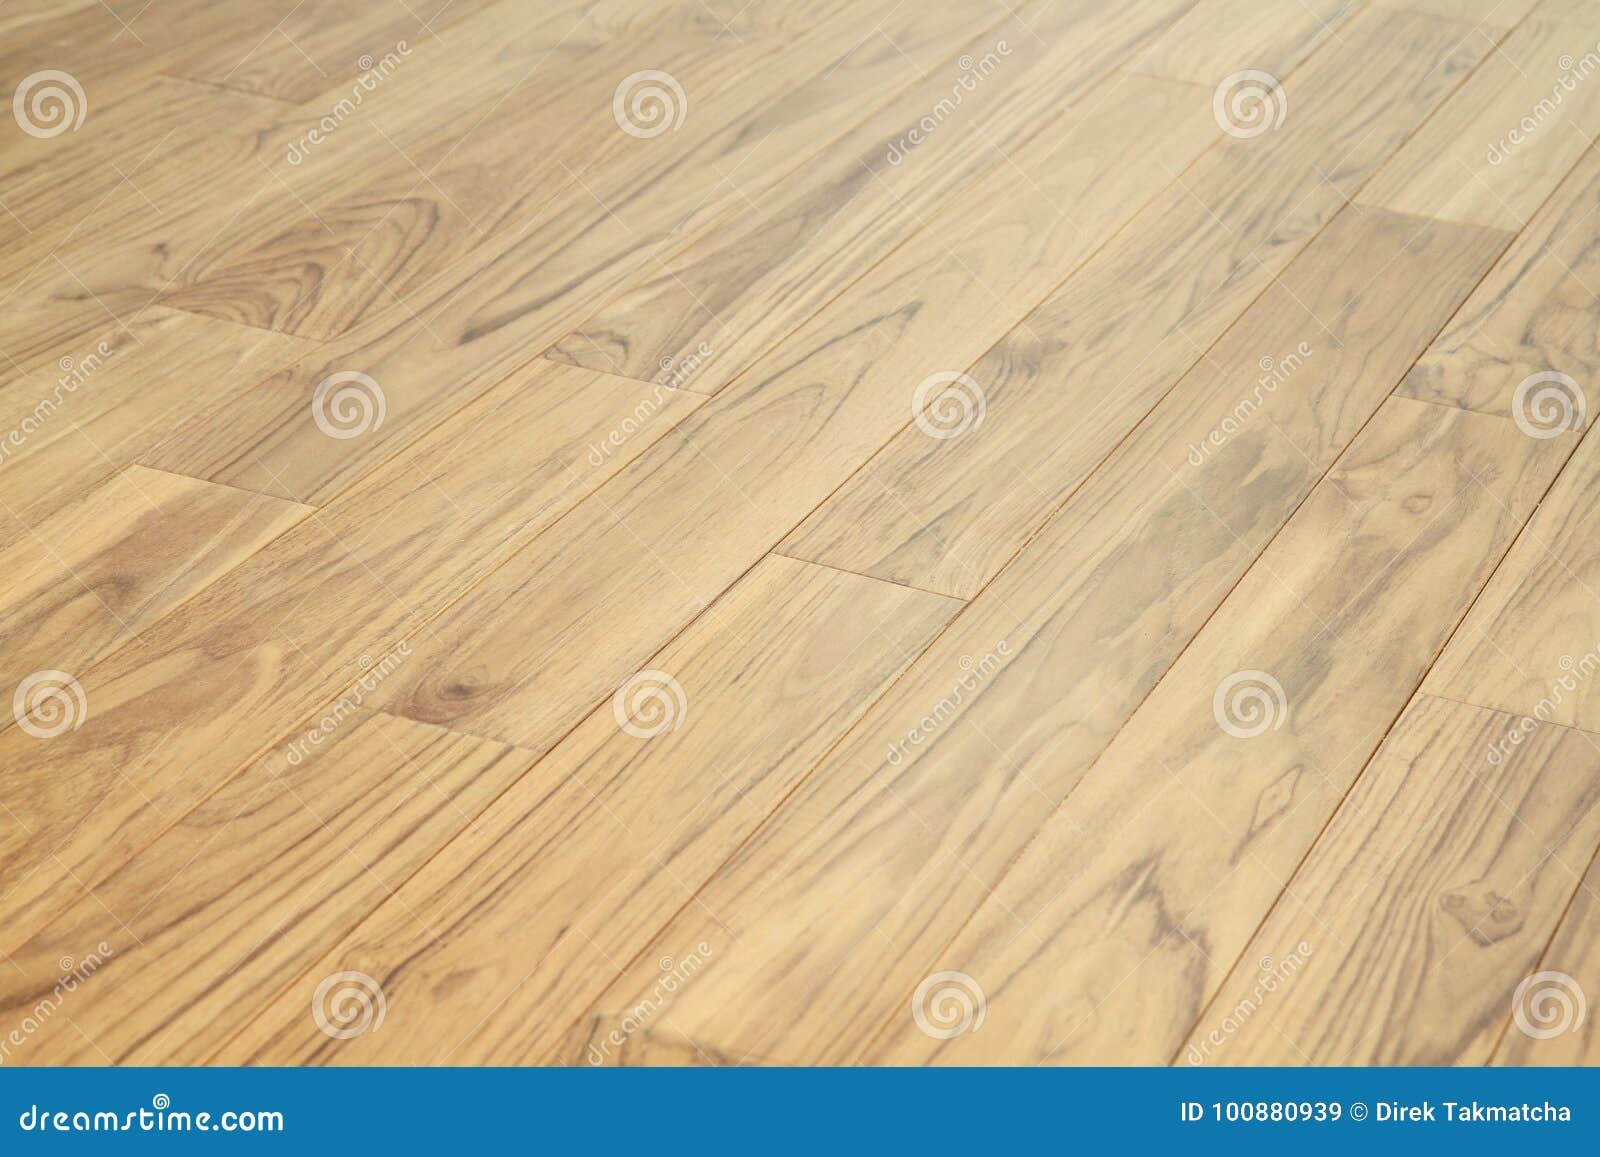 Download Solid Teak Wood Floor Parquet Stock Image